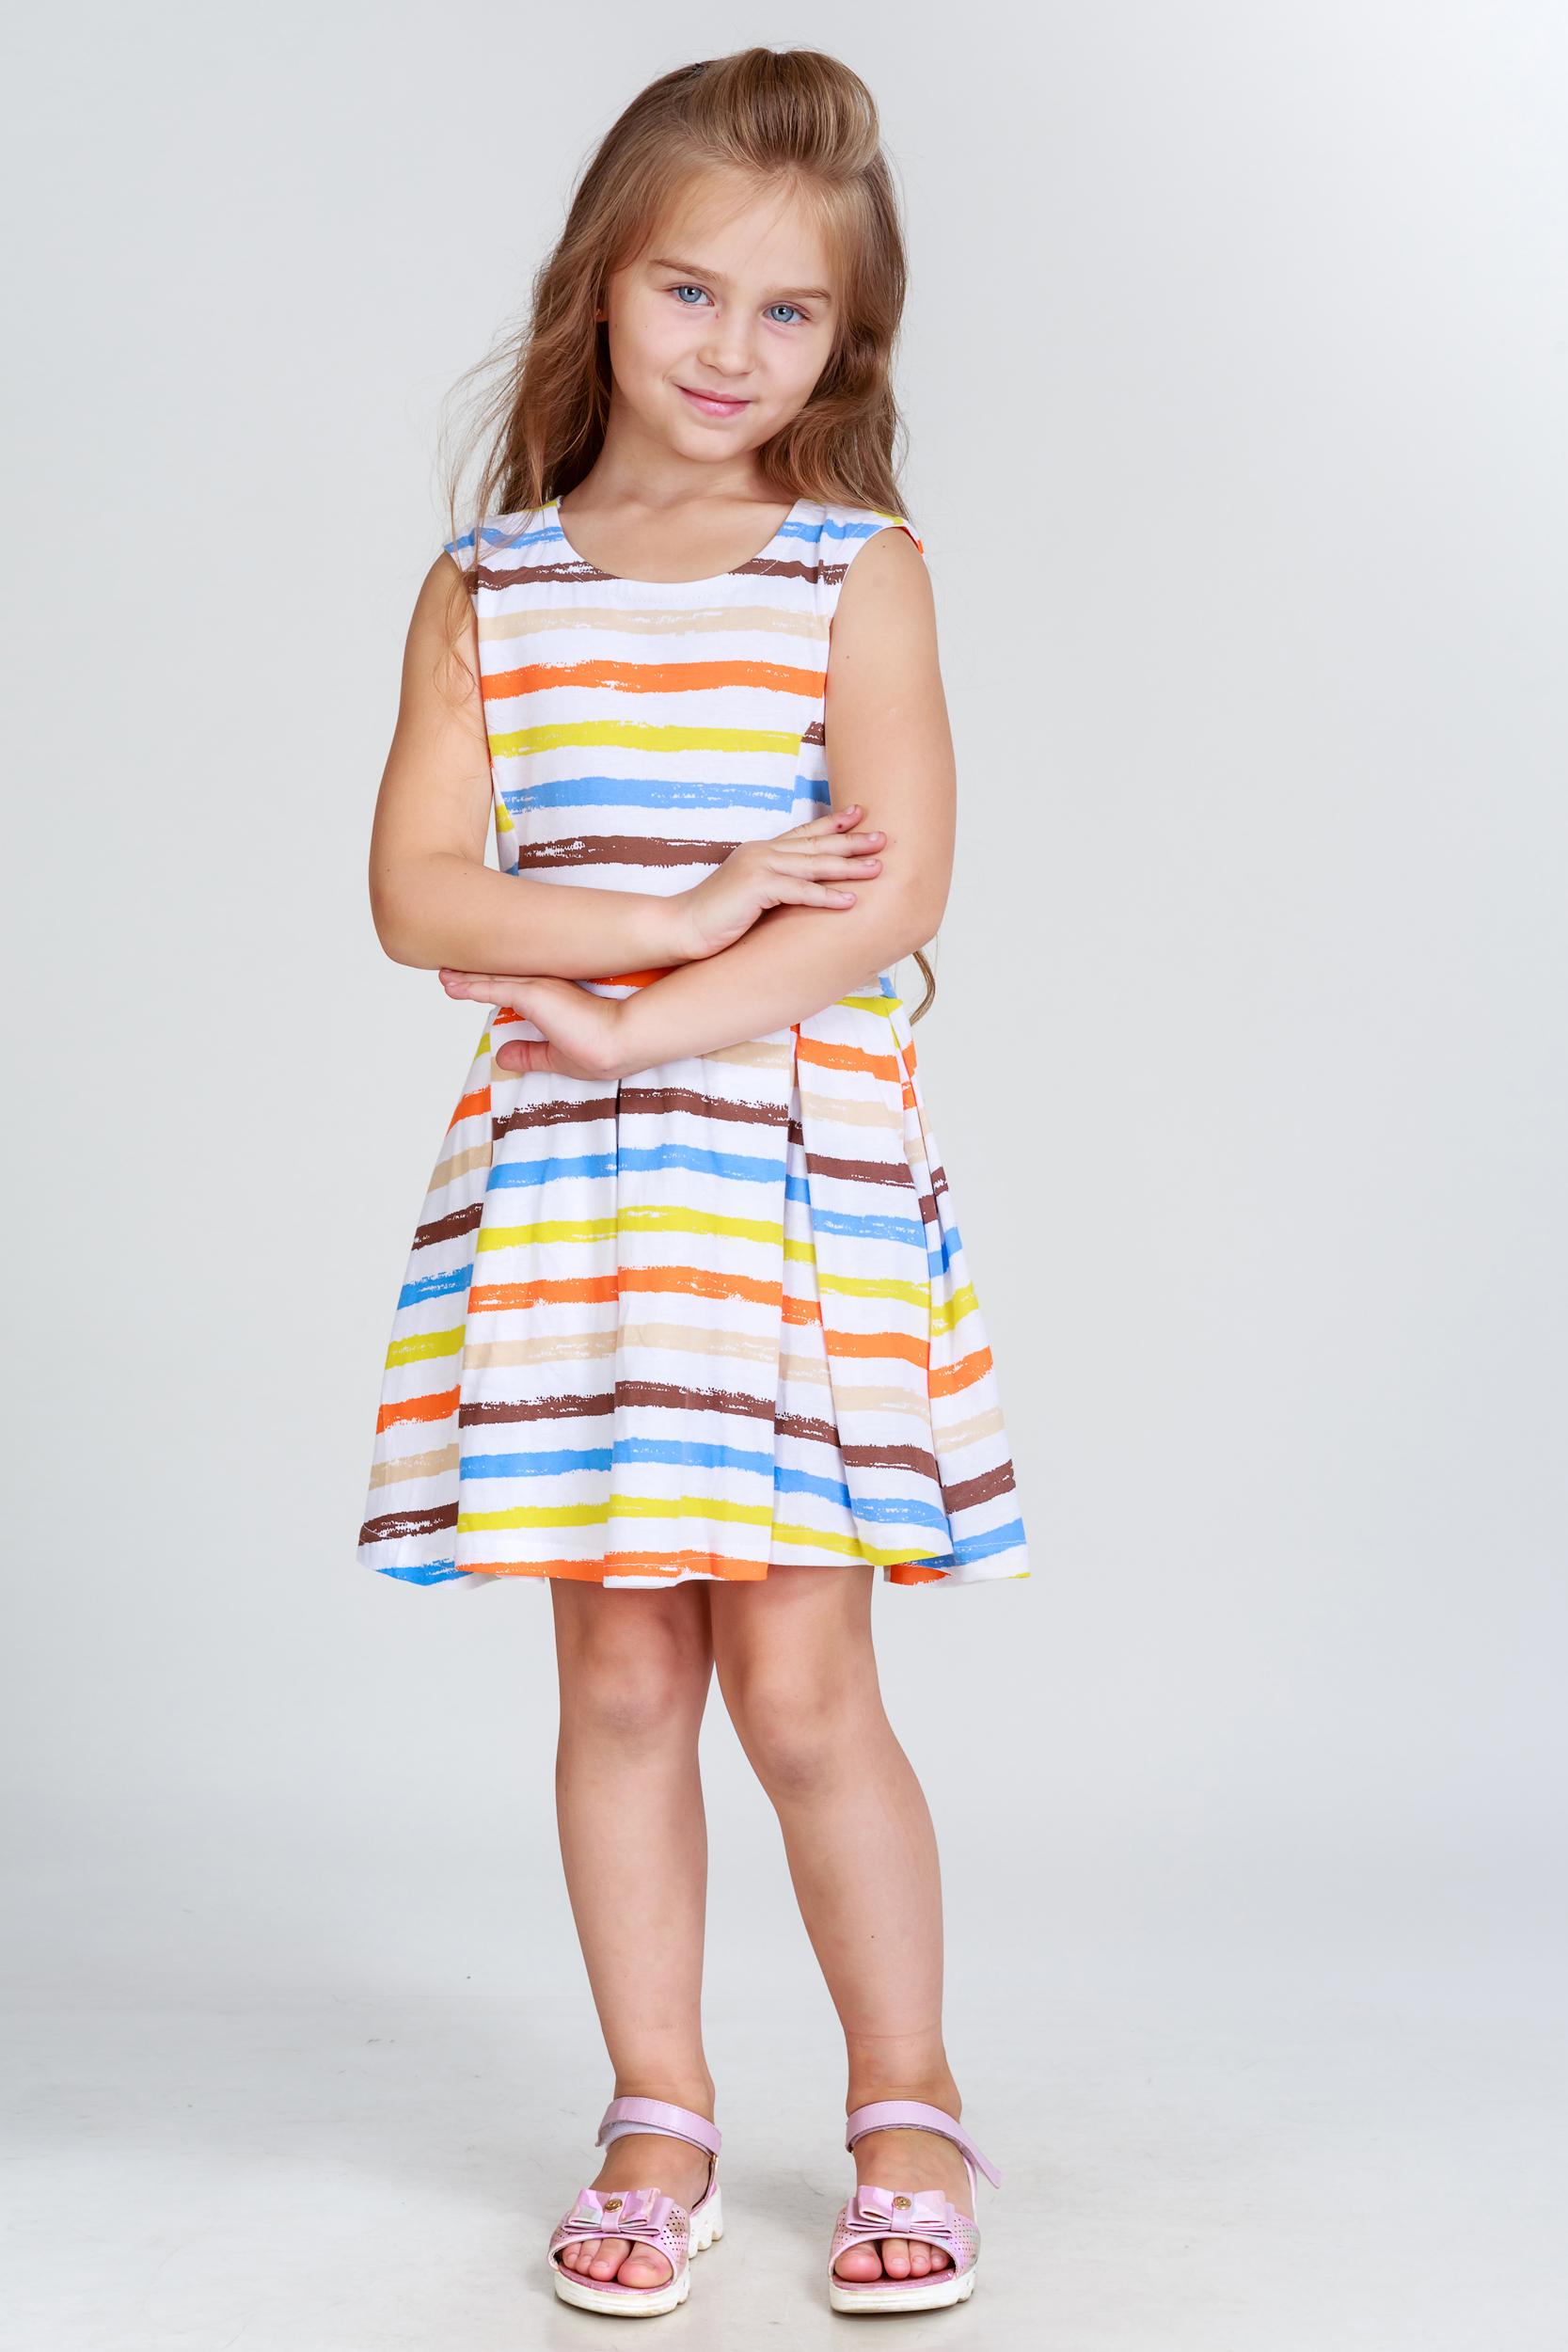 Детские туники, сарафаны Pastilla Платье Васильки (7-8 лет) купить часы мальчику 7 лет